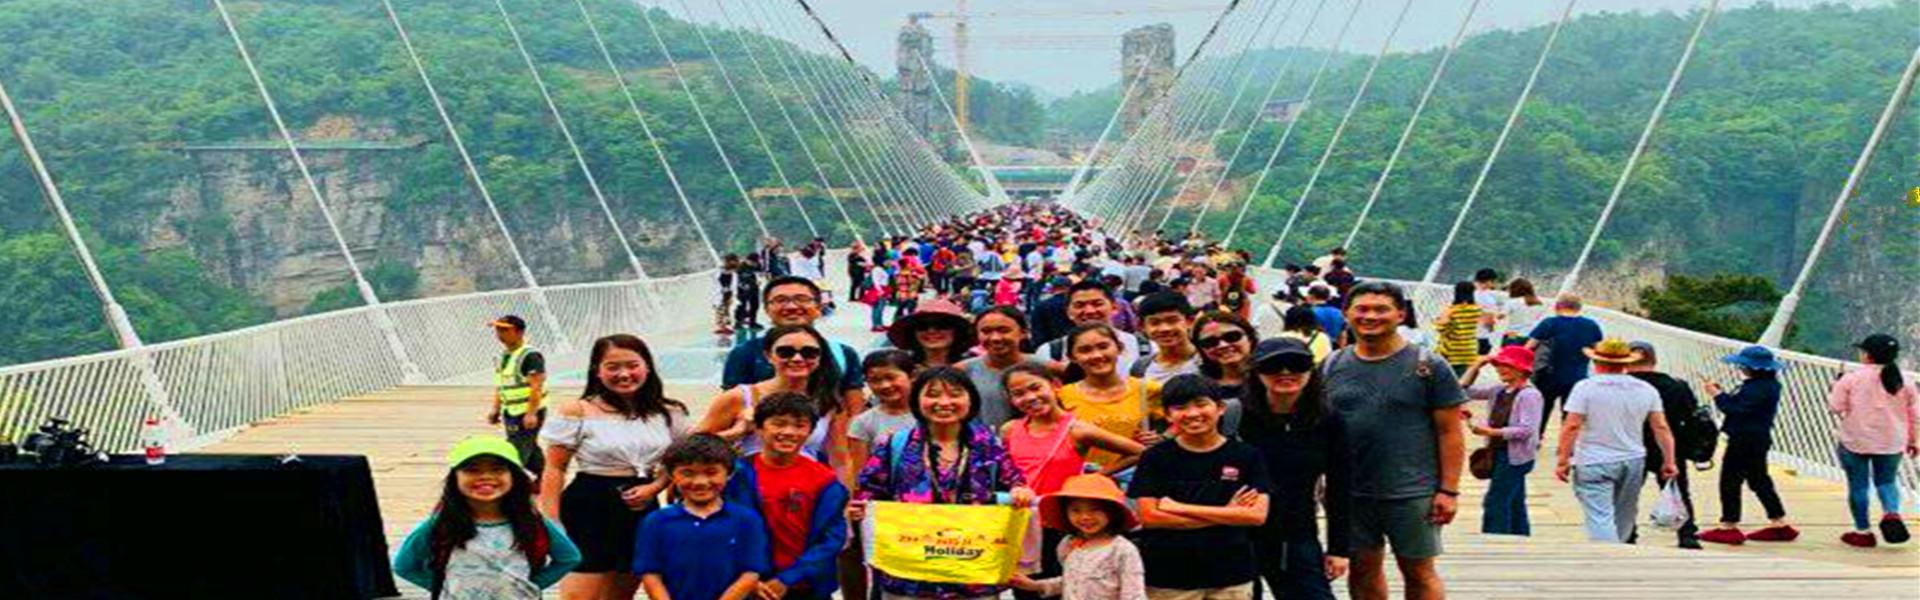 5 Days Zhangjiajie Glass BridgeTour